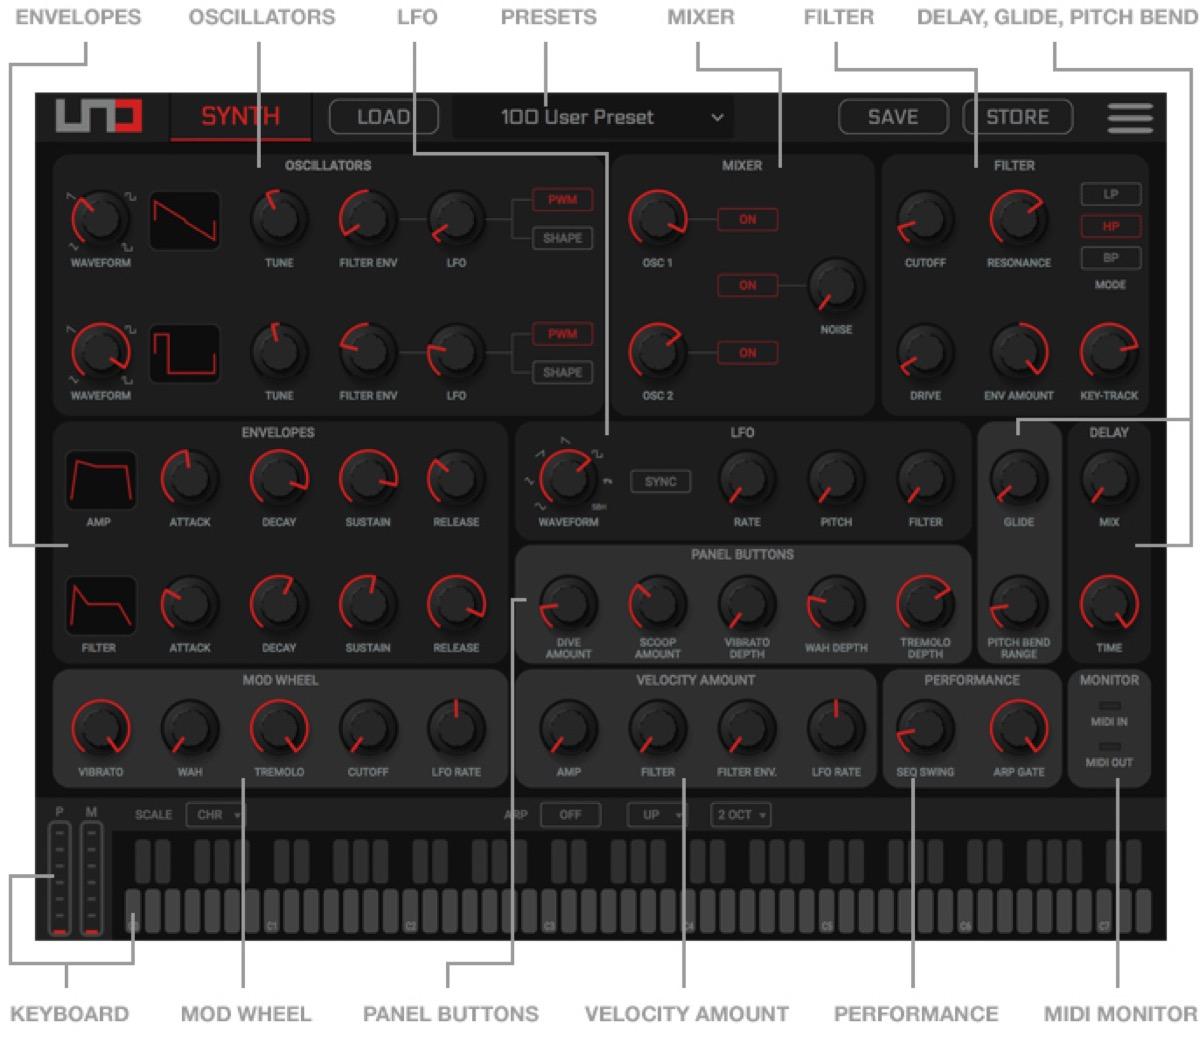 UNO Synth Editor, l'app per controllare il sintetizzatore di IK da Mac, PC e iOS